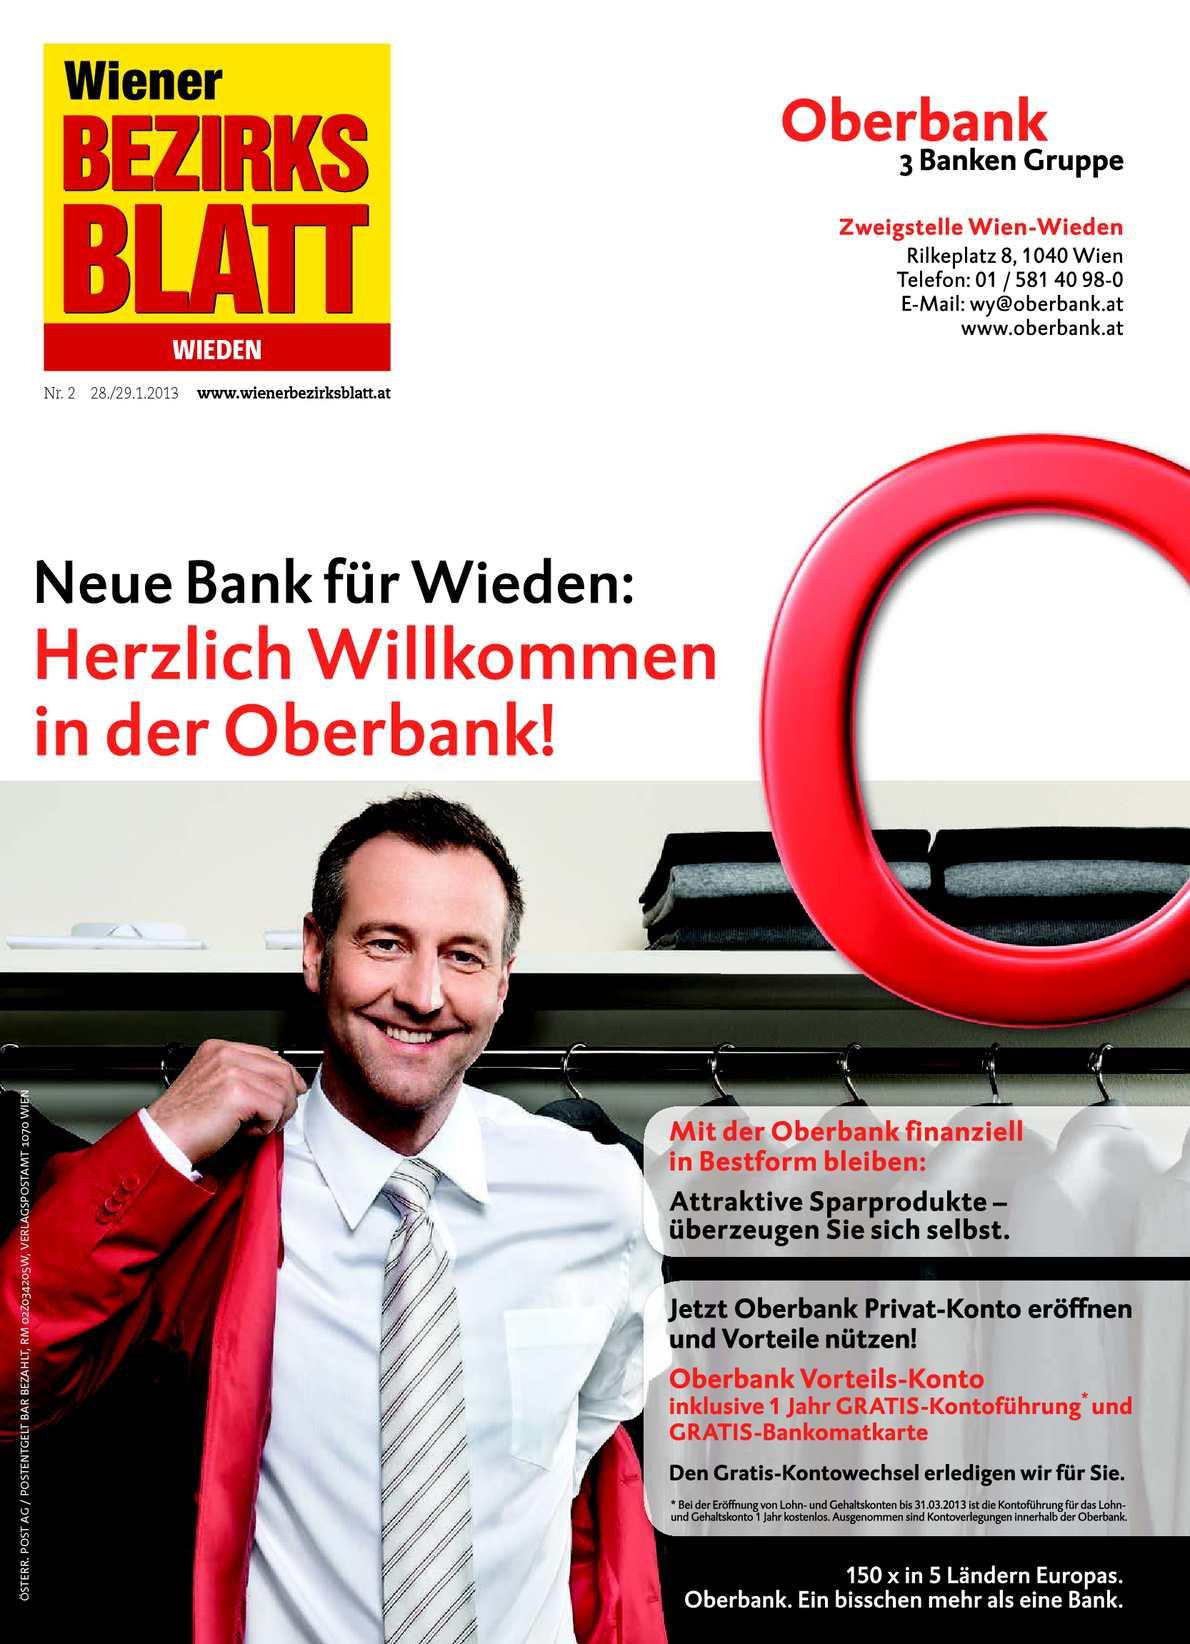 Coole Programmpunkte fr Singles in Wien - dbminer.net